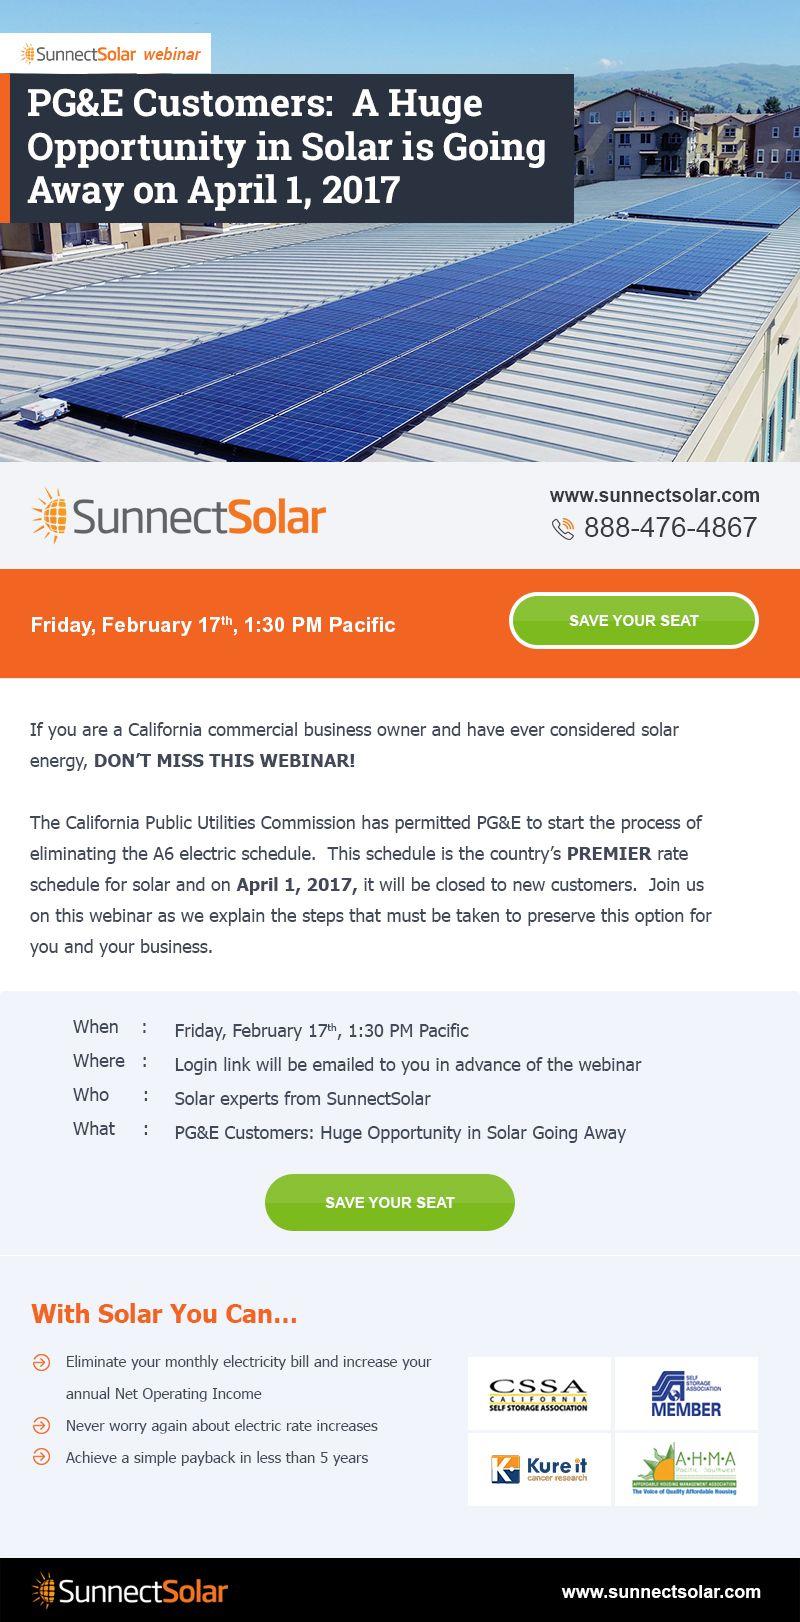 Newsletter Design Solar Energy Solar Webinar